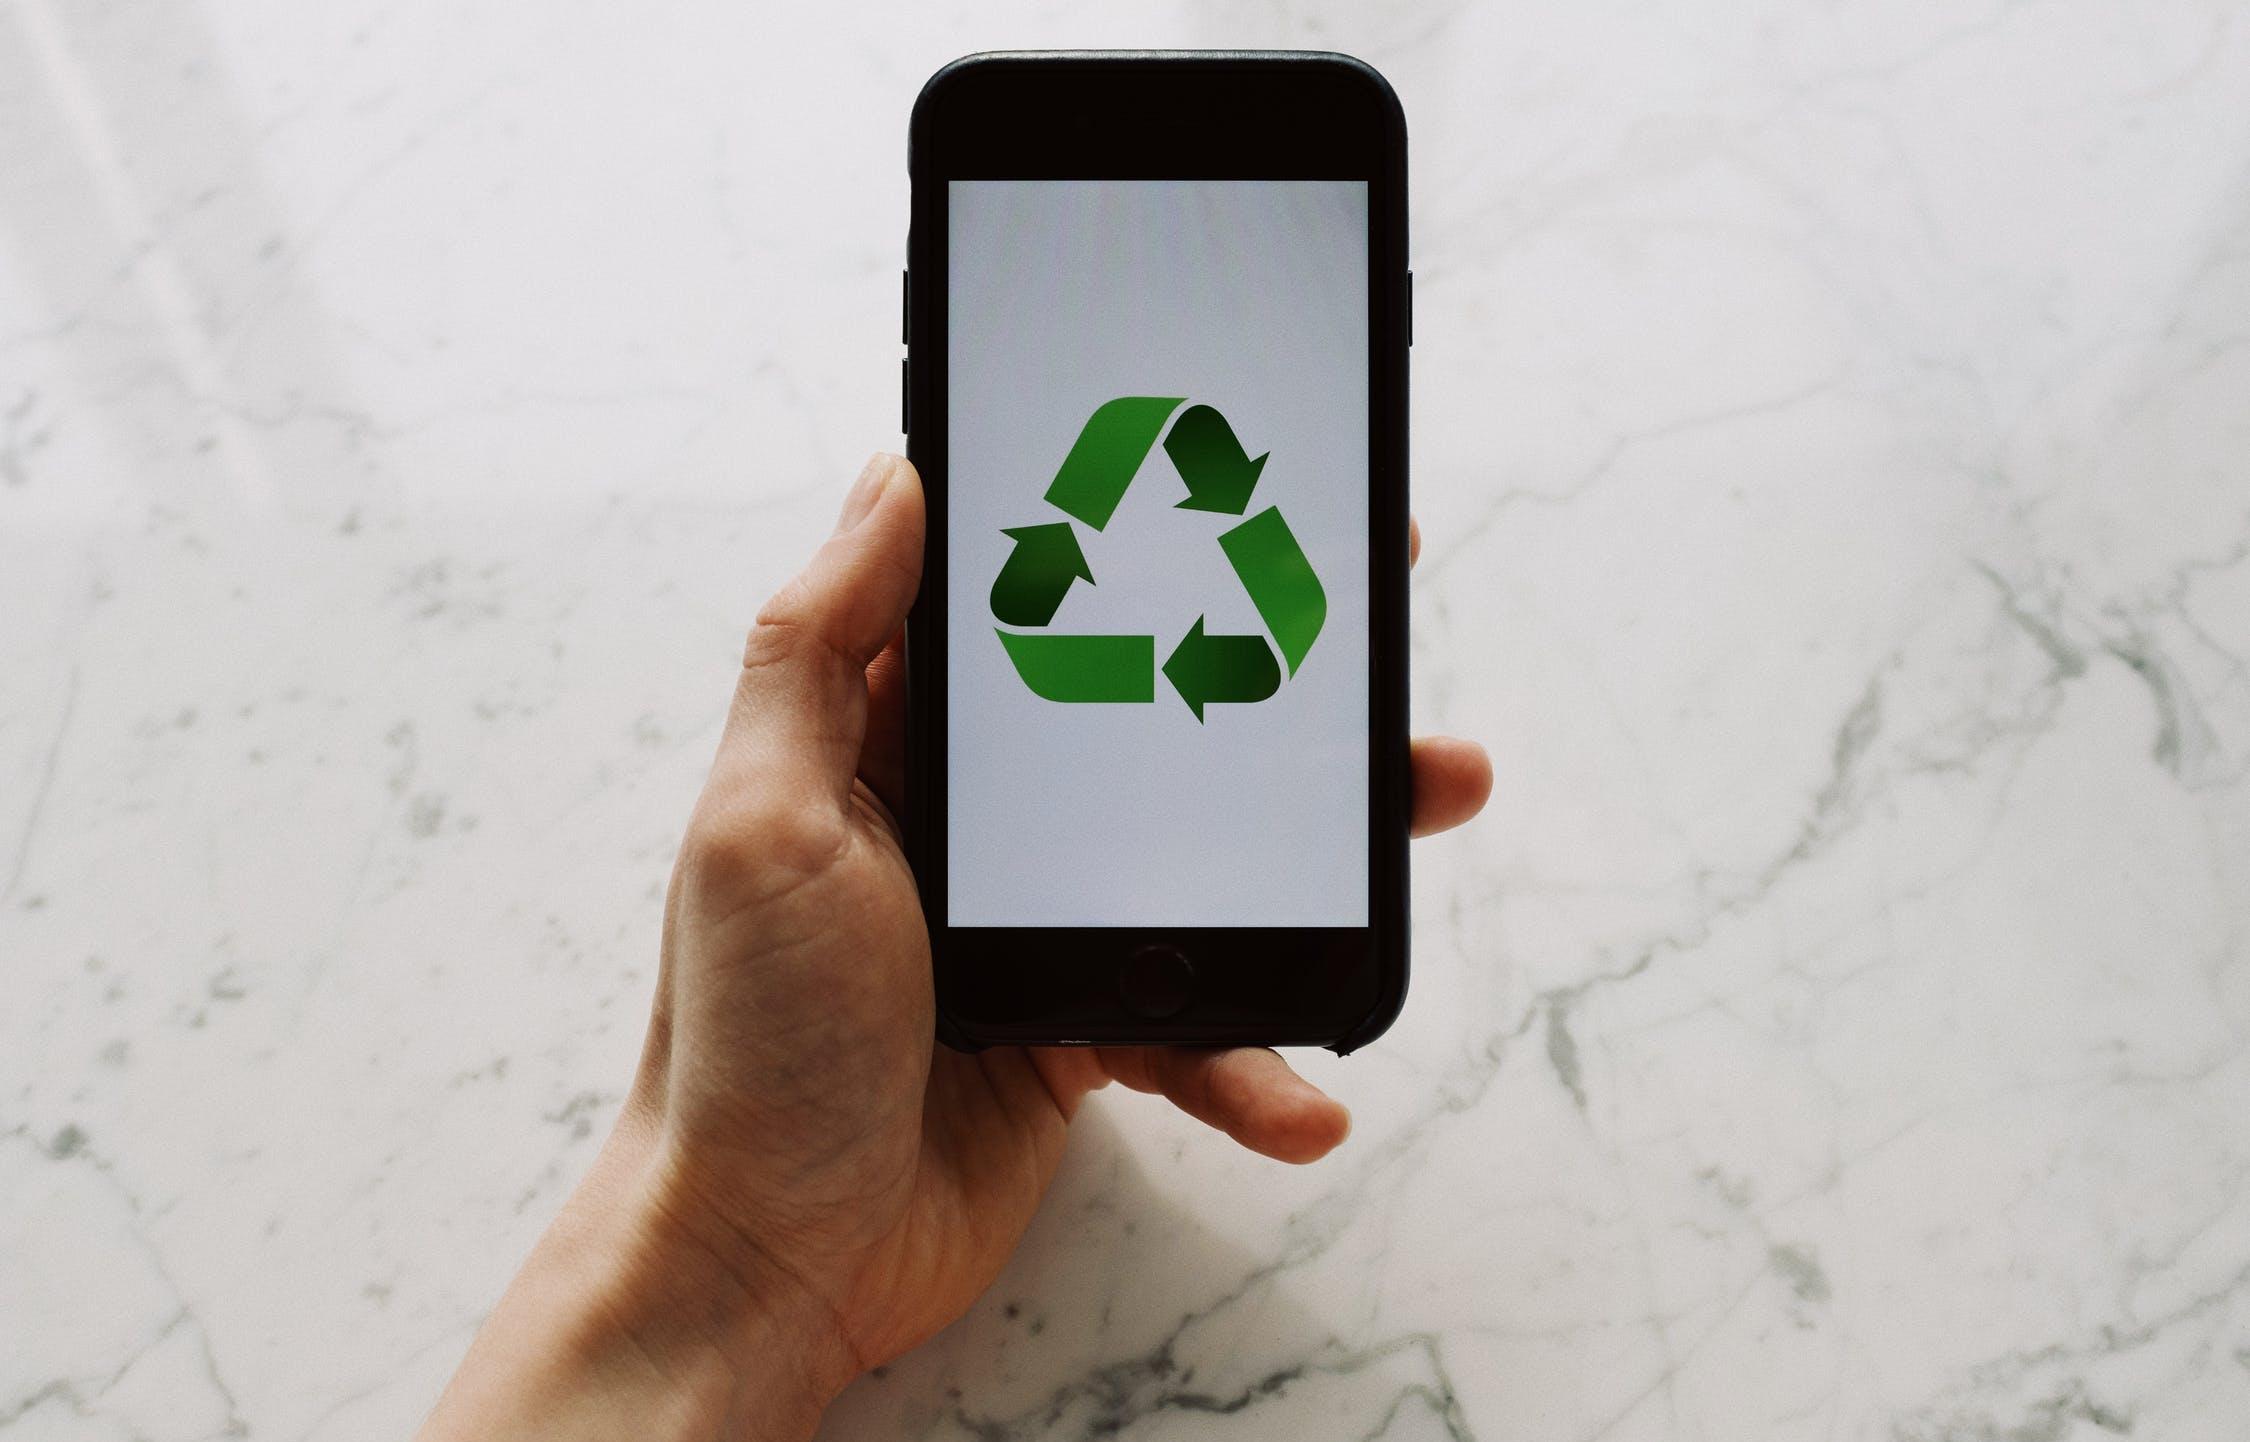 МКБ передал в безотходную переработку более 200 тонн электронного мусора - новости Афанасий